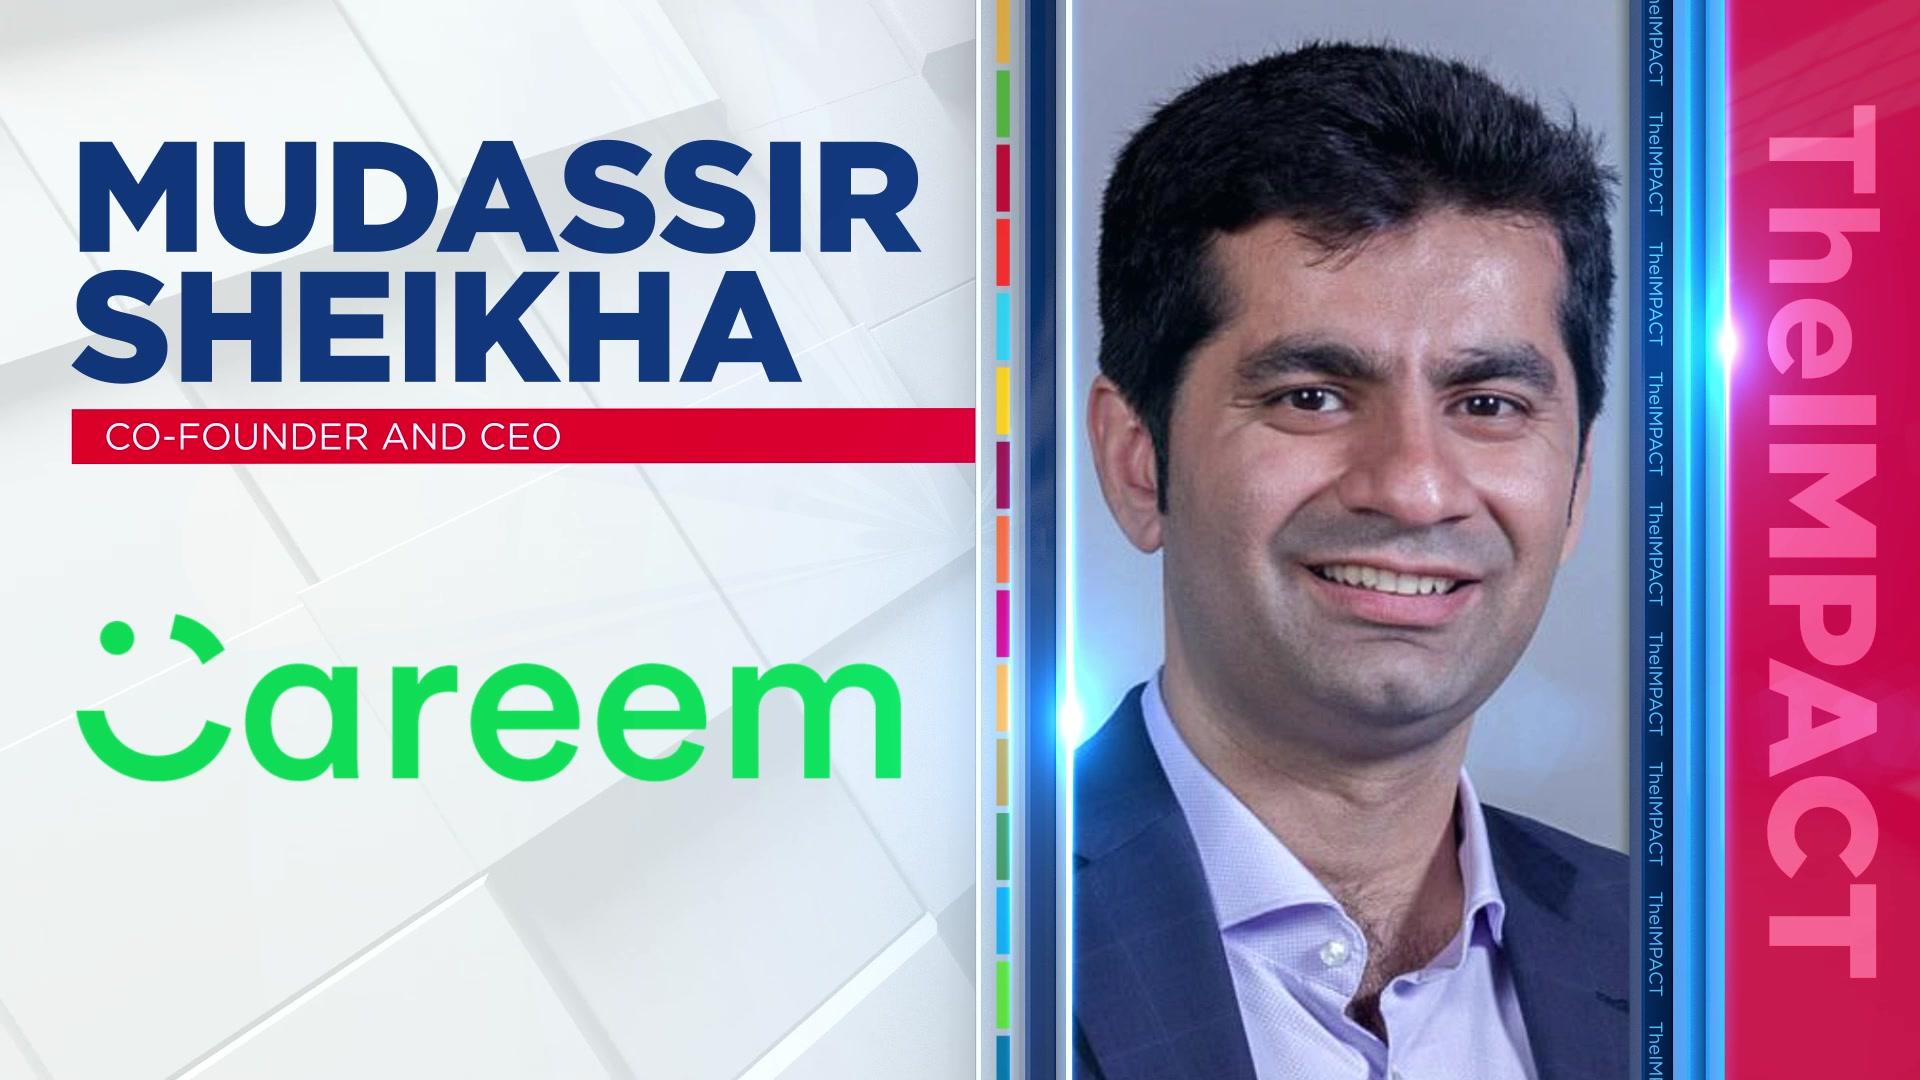 Mudassir Sheikha, Co-Founder & CEO of Careem